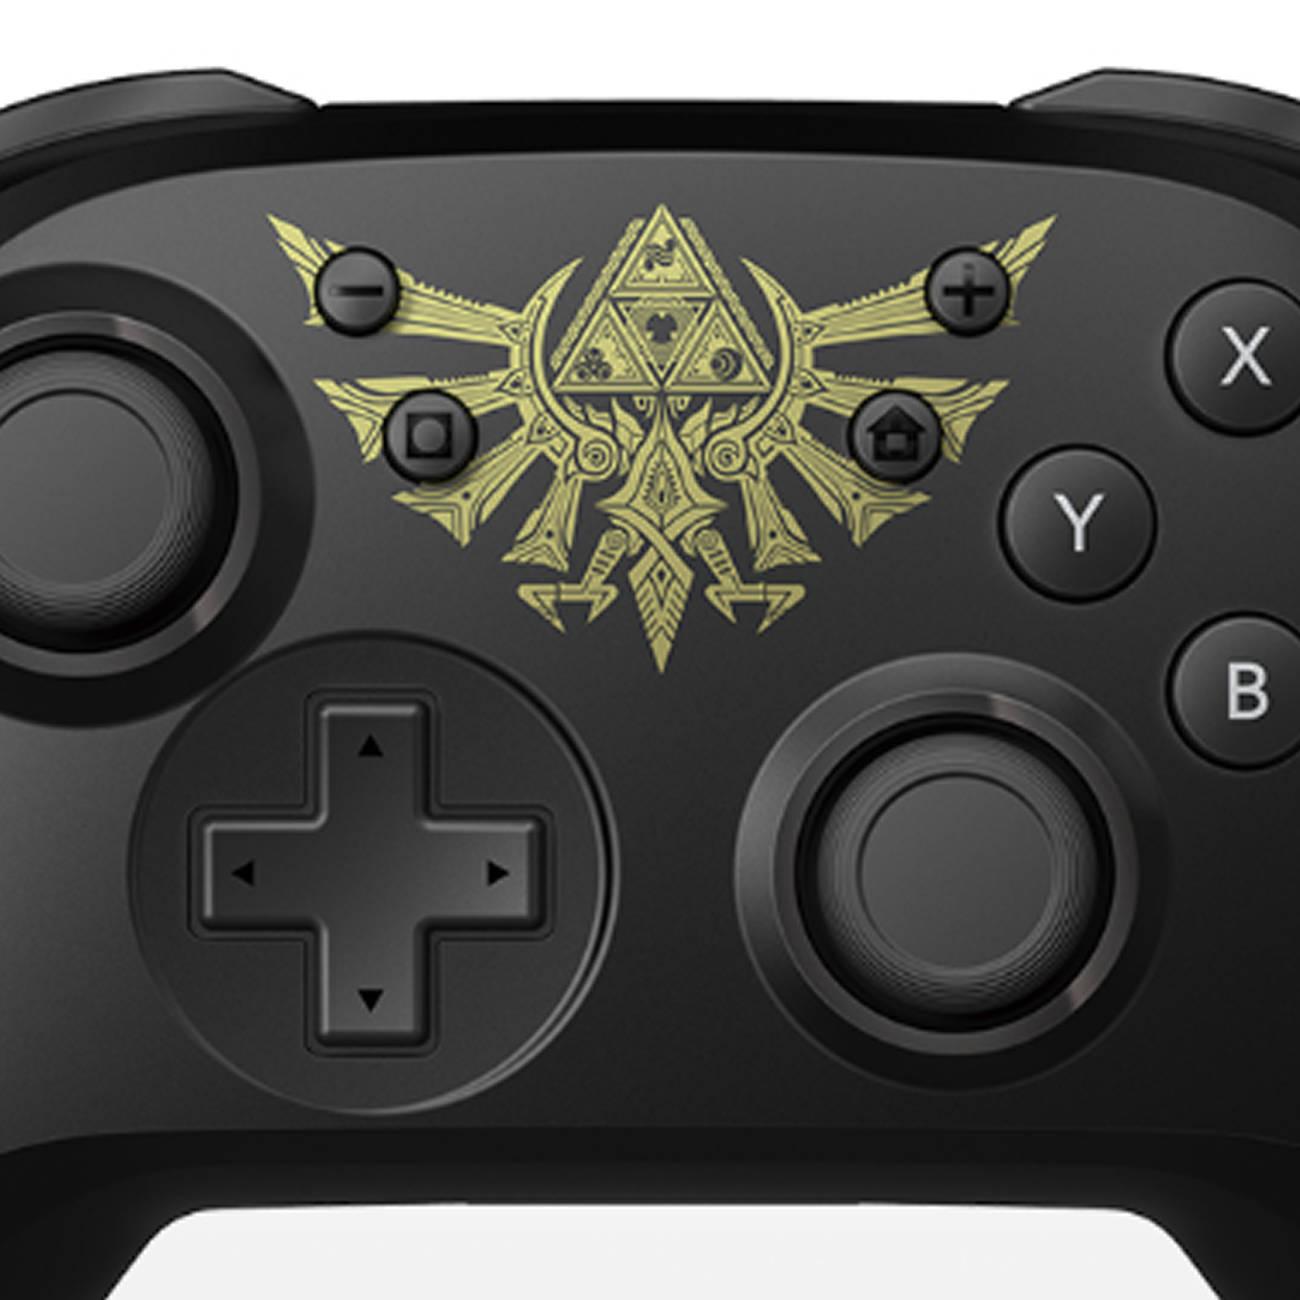 ゼルダの伝説、ハイラル紋章デザインのスイッチ用コントローラー